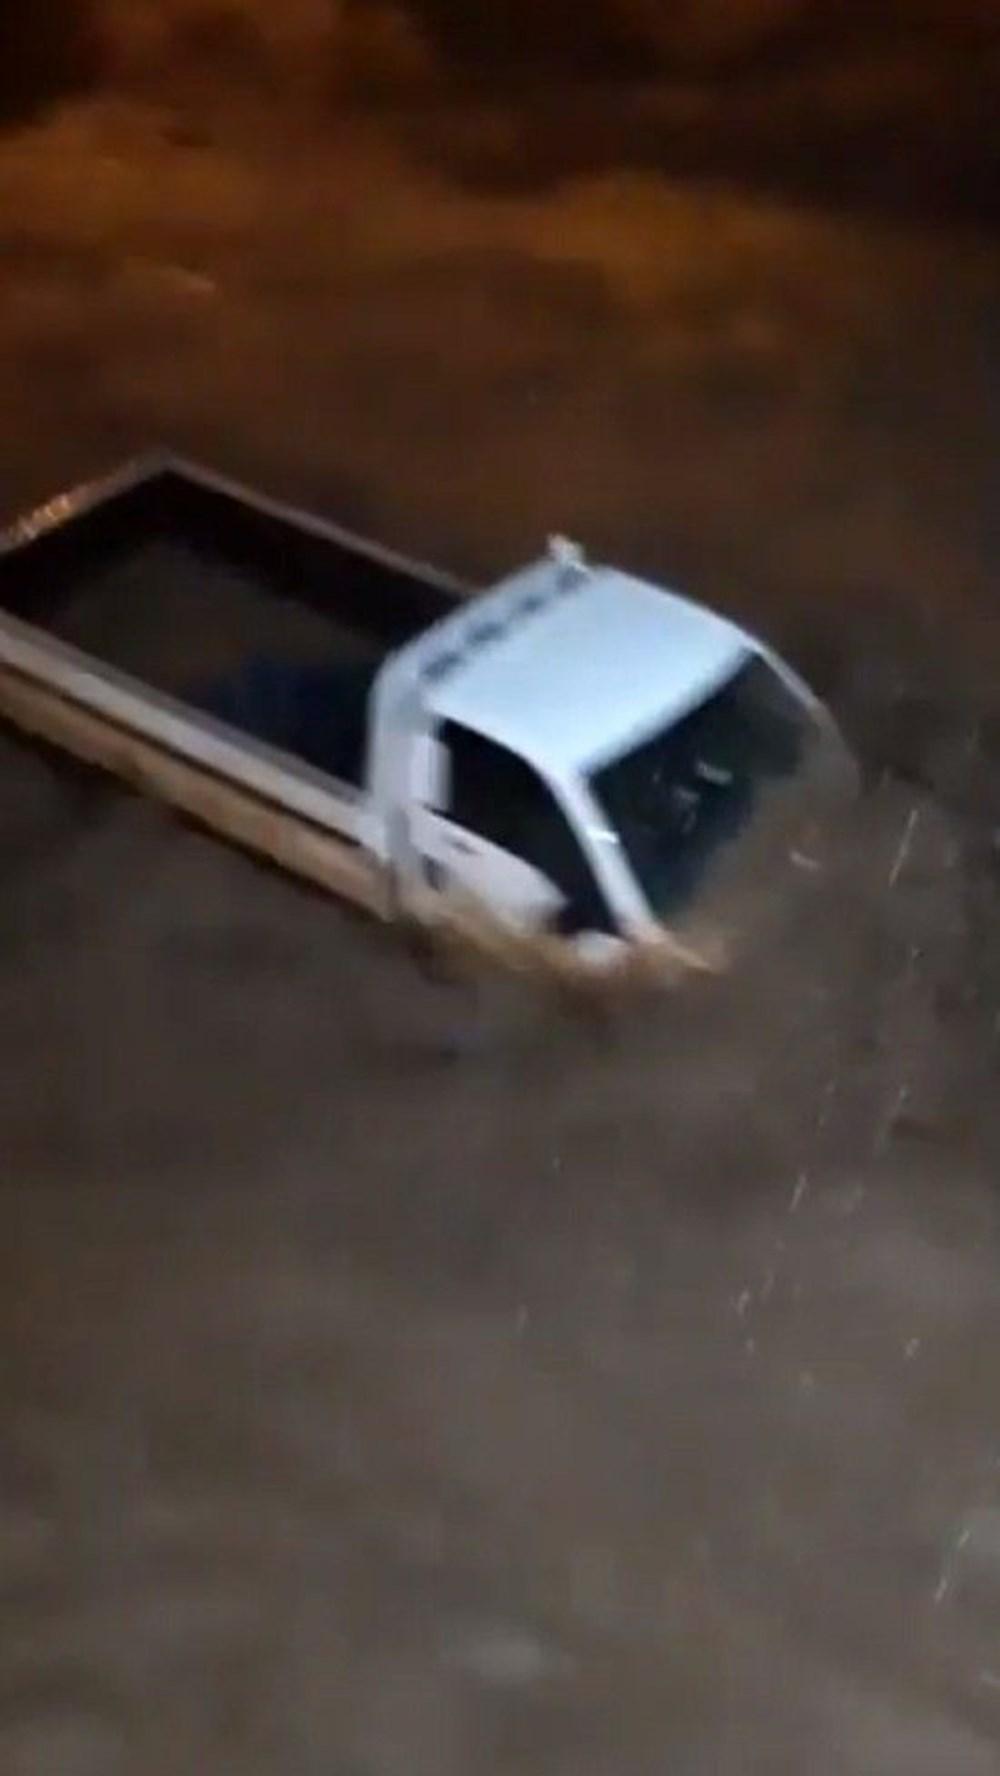 Giresun'u sel vurdu: 3 kişi hayatını kaybetti - 9